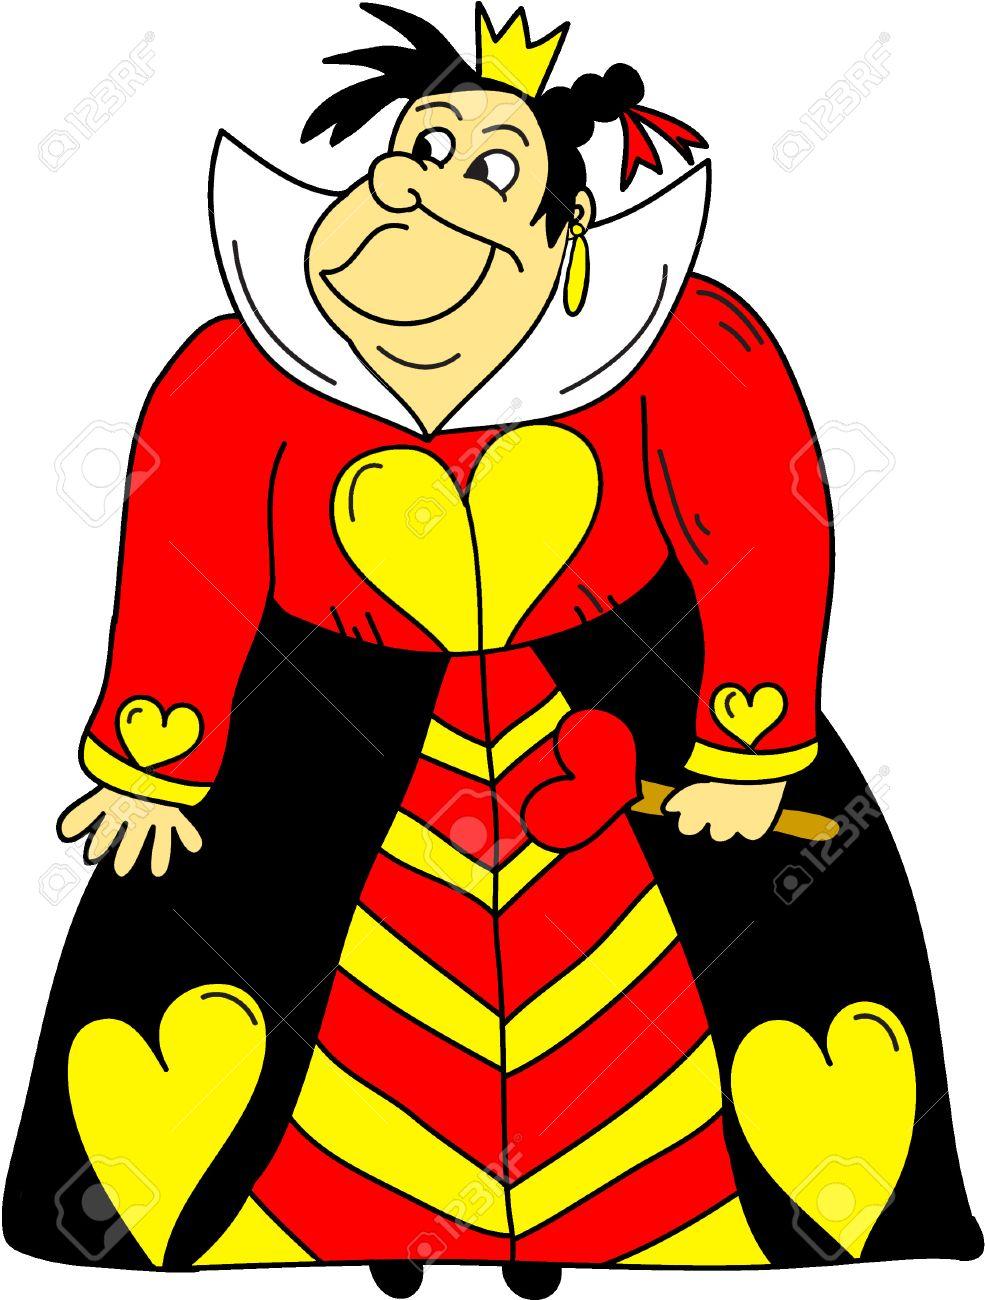 心クリップアート アリスのワンダーランド漫画の女王のイラスト素材